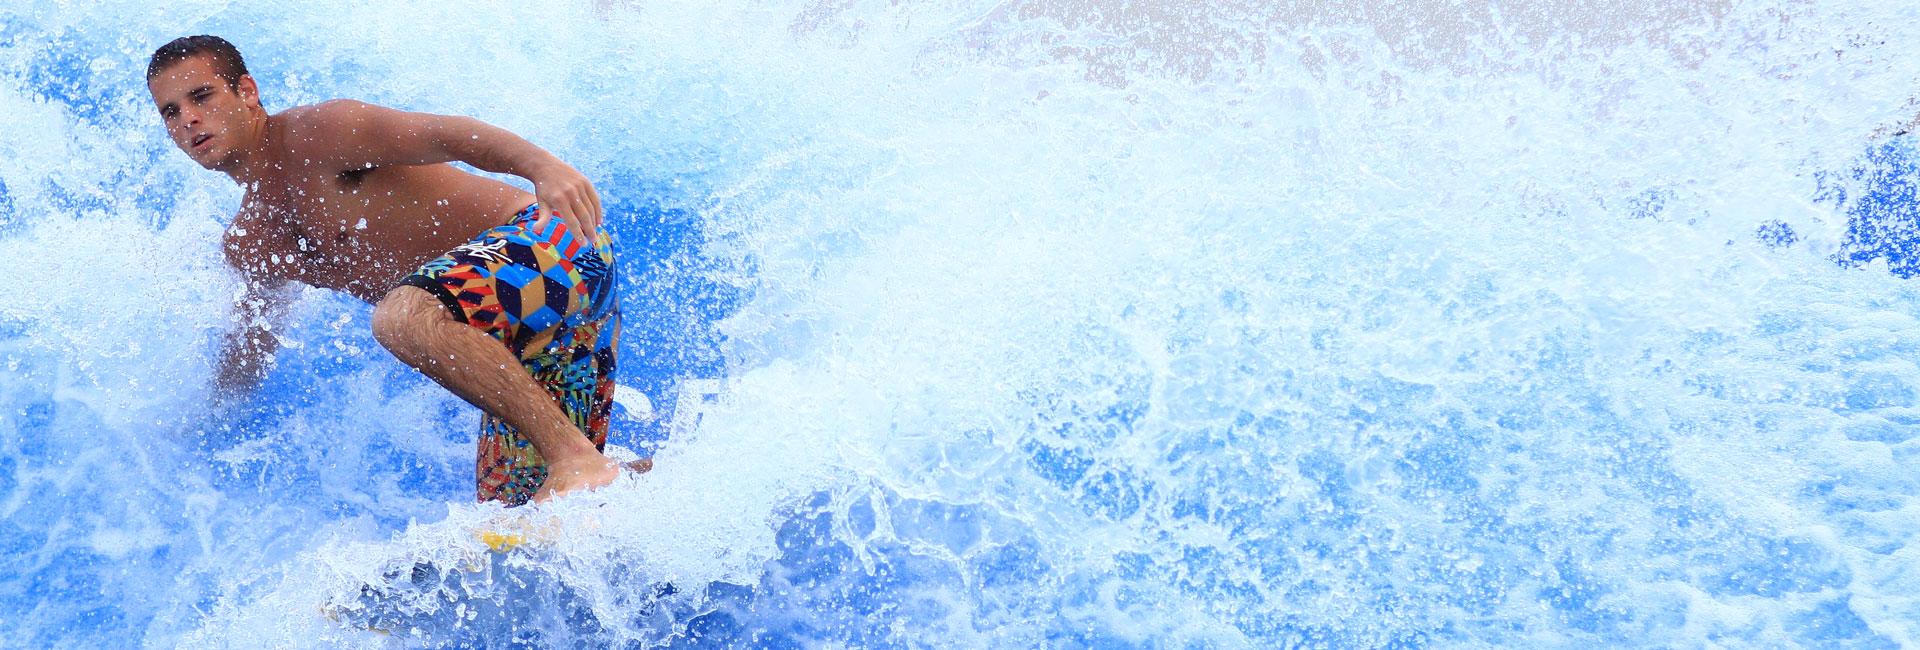 w-h_hm-slidr_surfer_1920x650